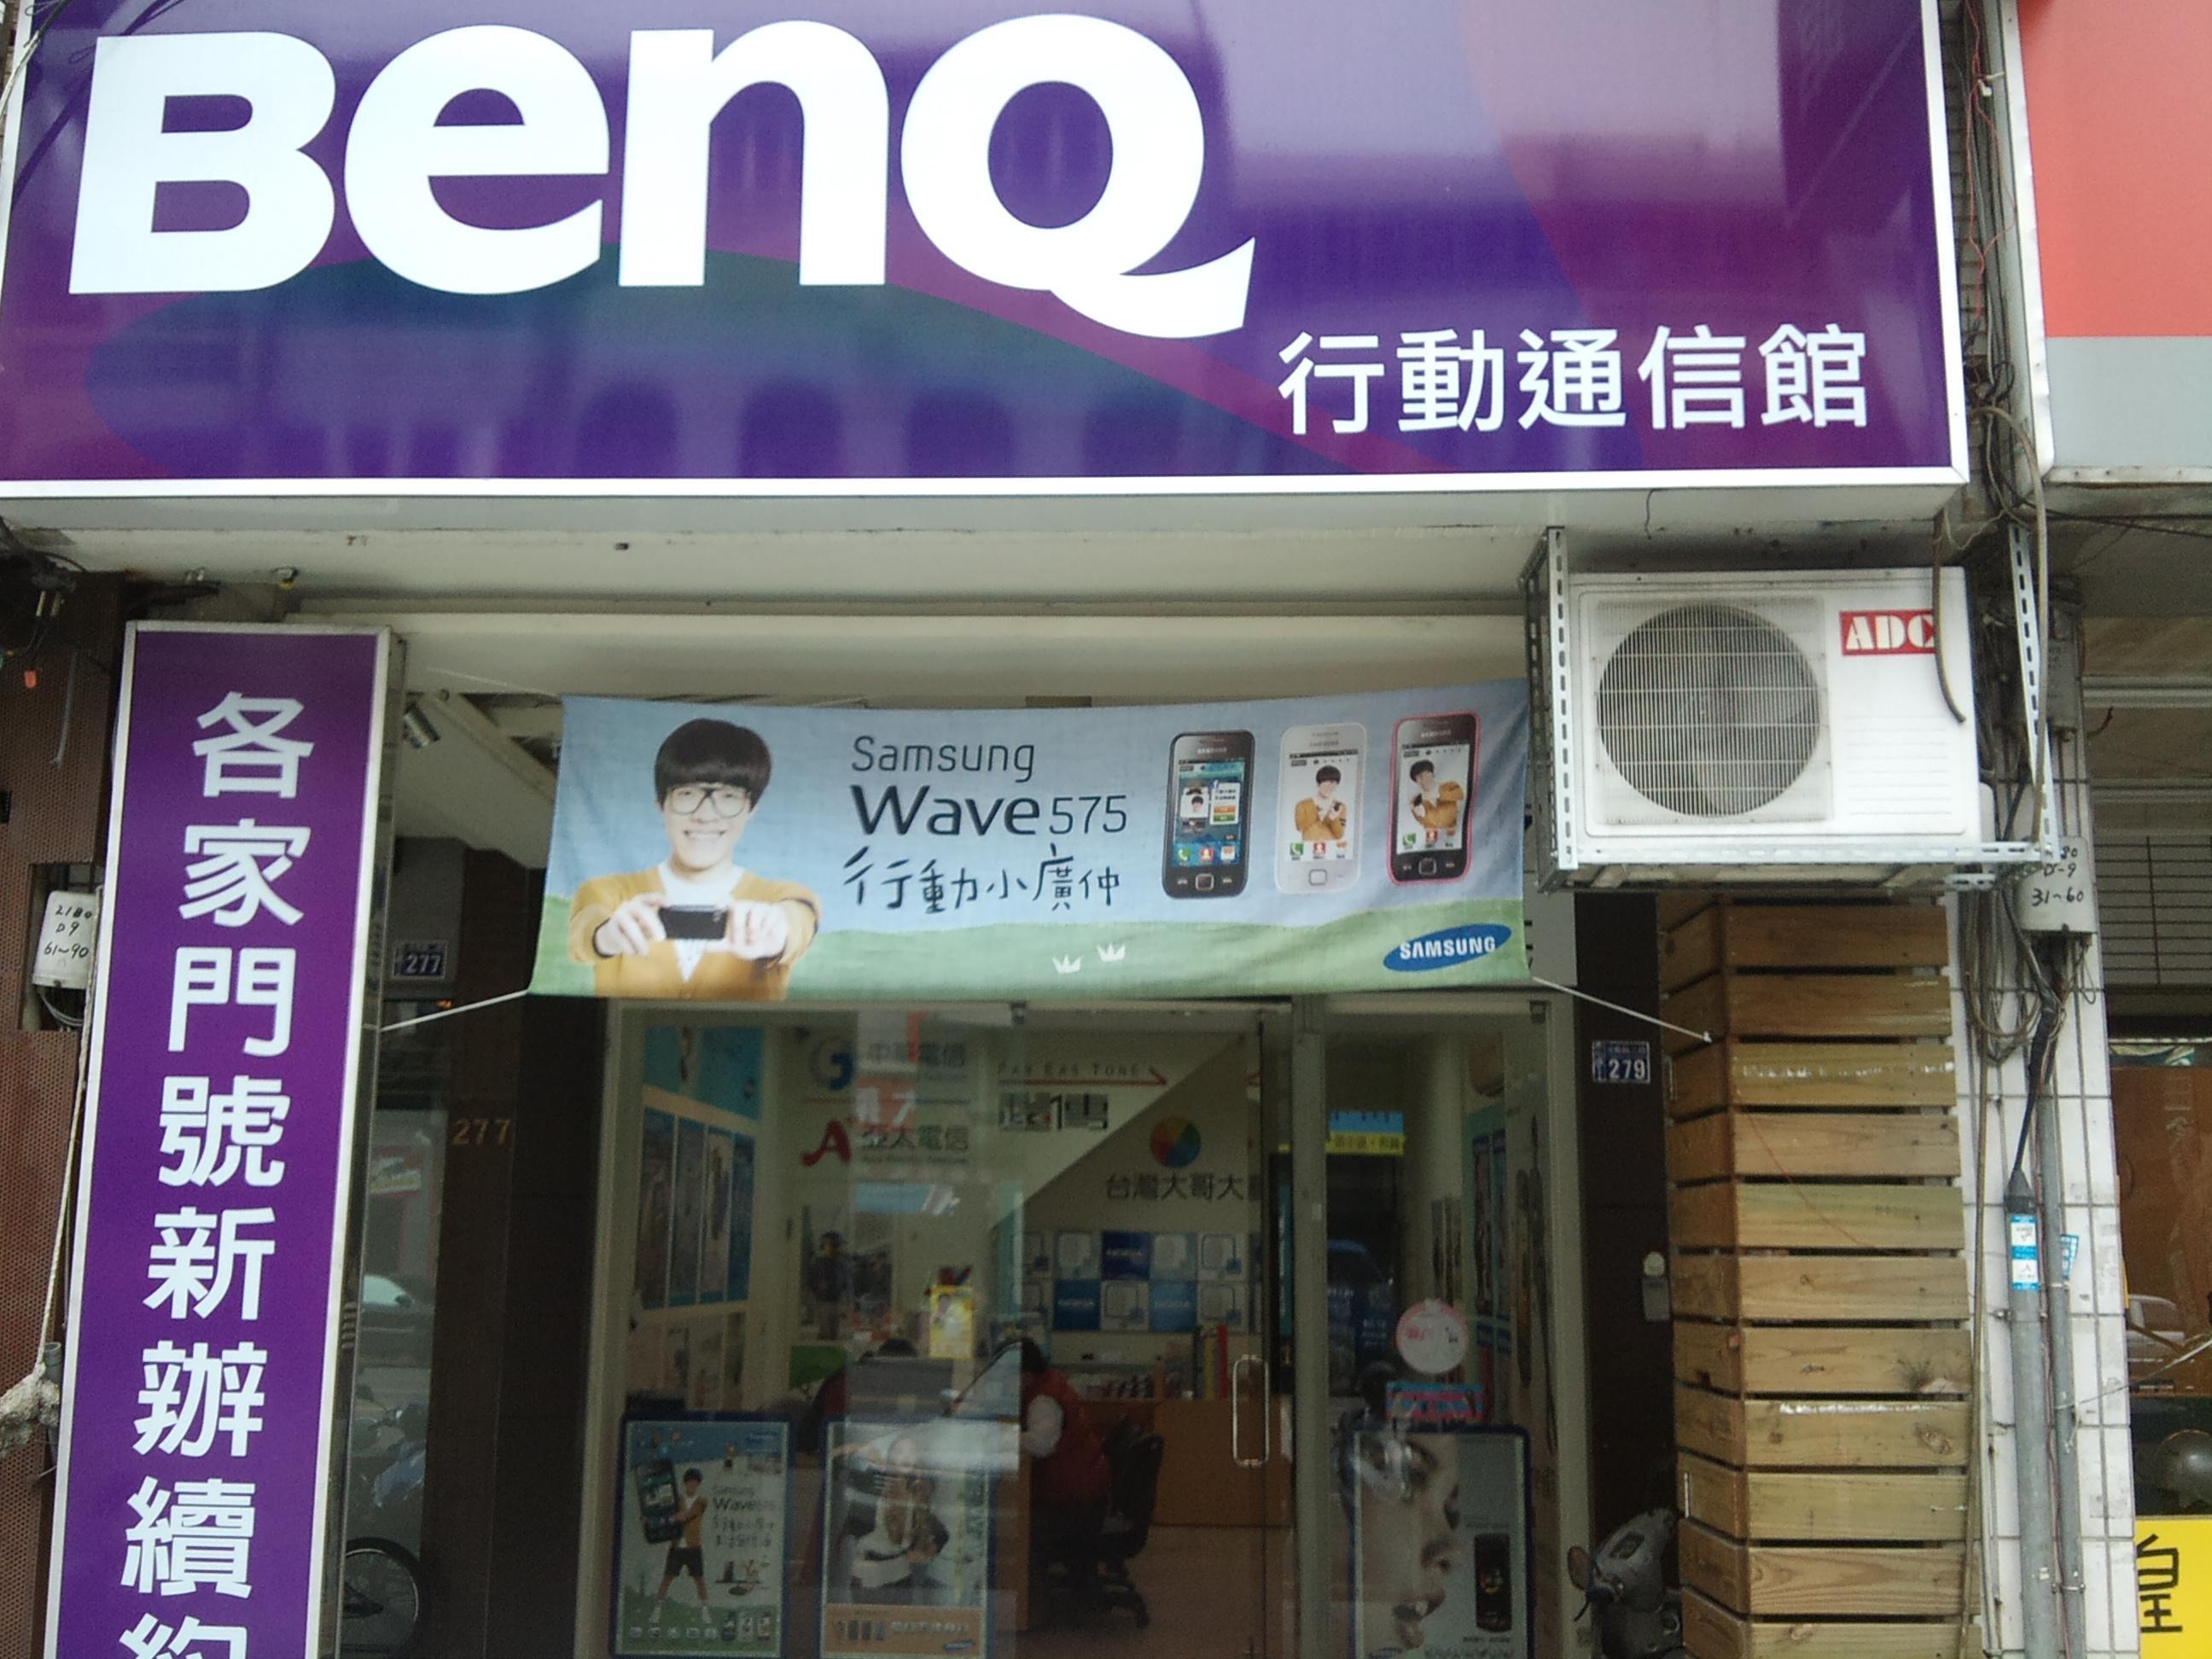 BEN Q行動通信館 -河南福星店